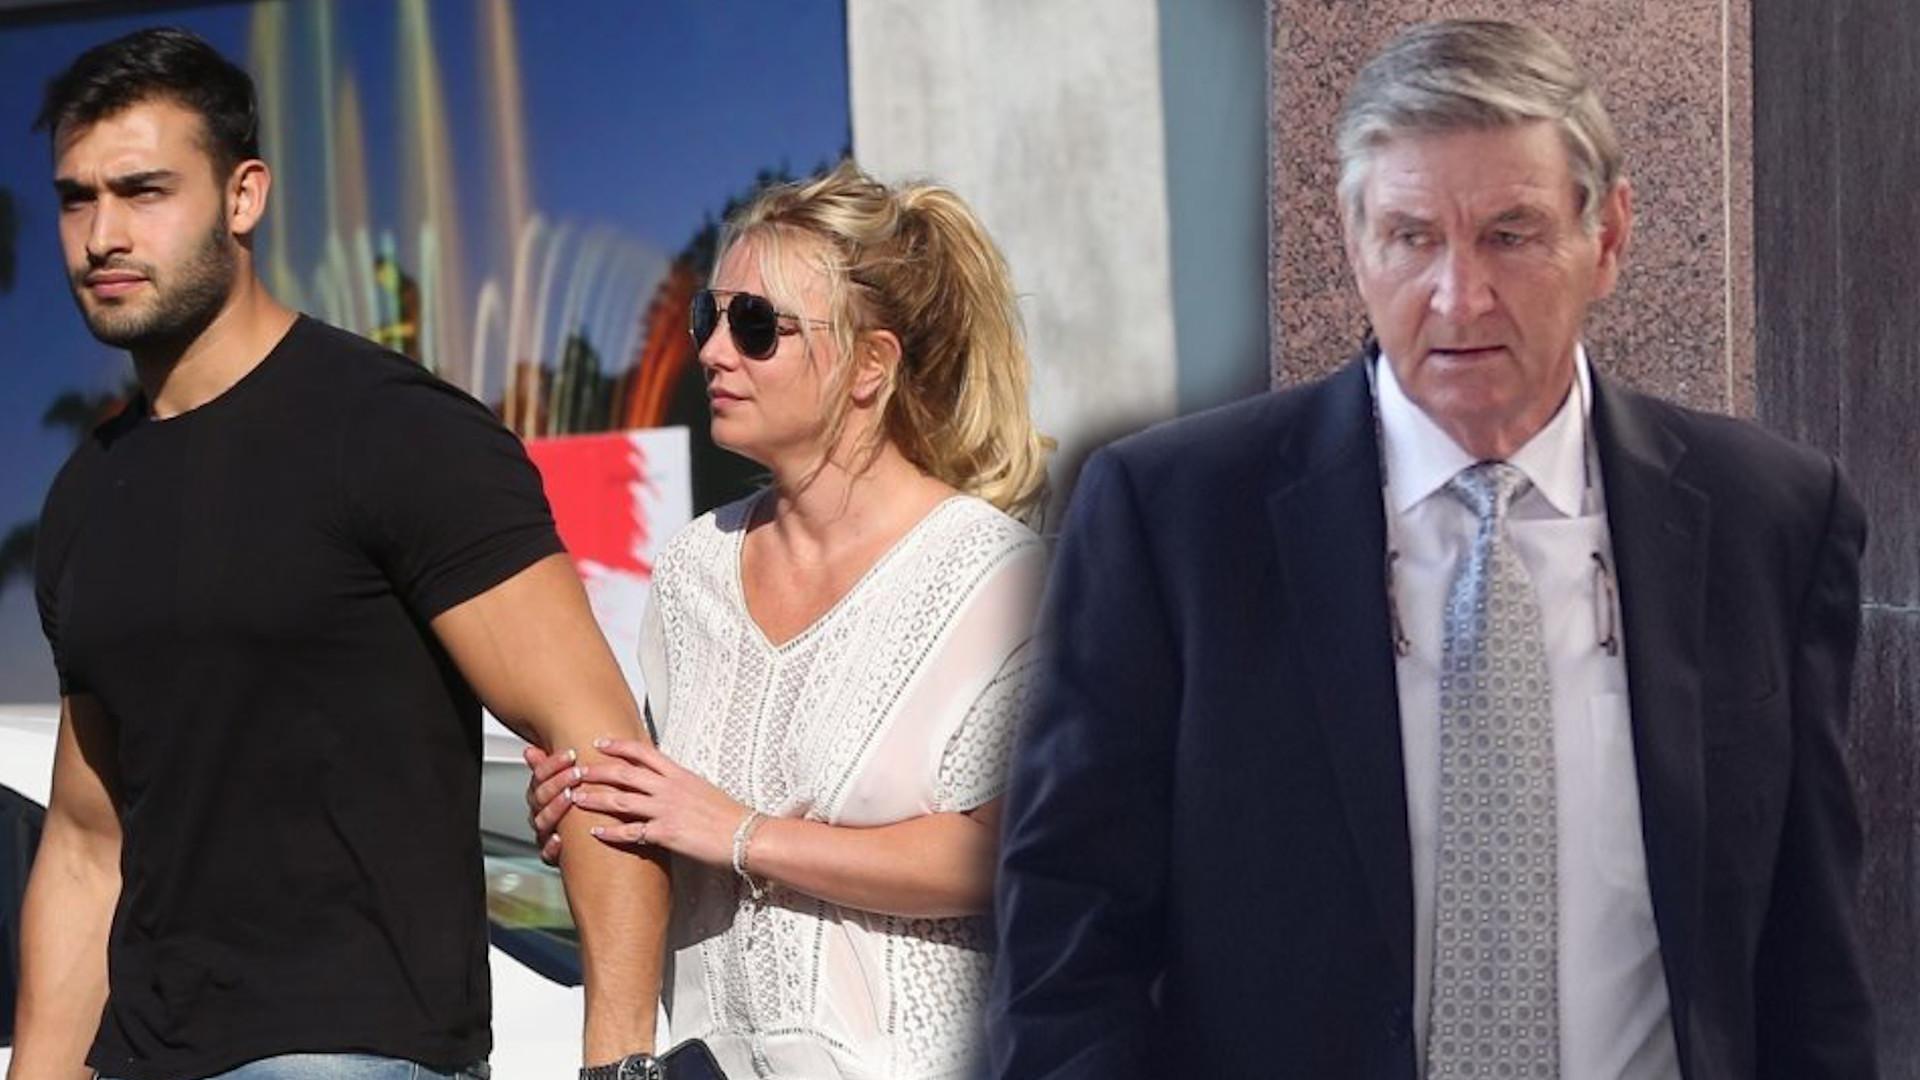 Prawnik Britney Spears zdradza taktykę walki w sądzie